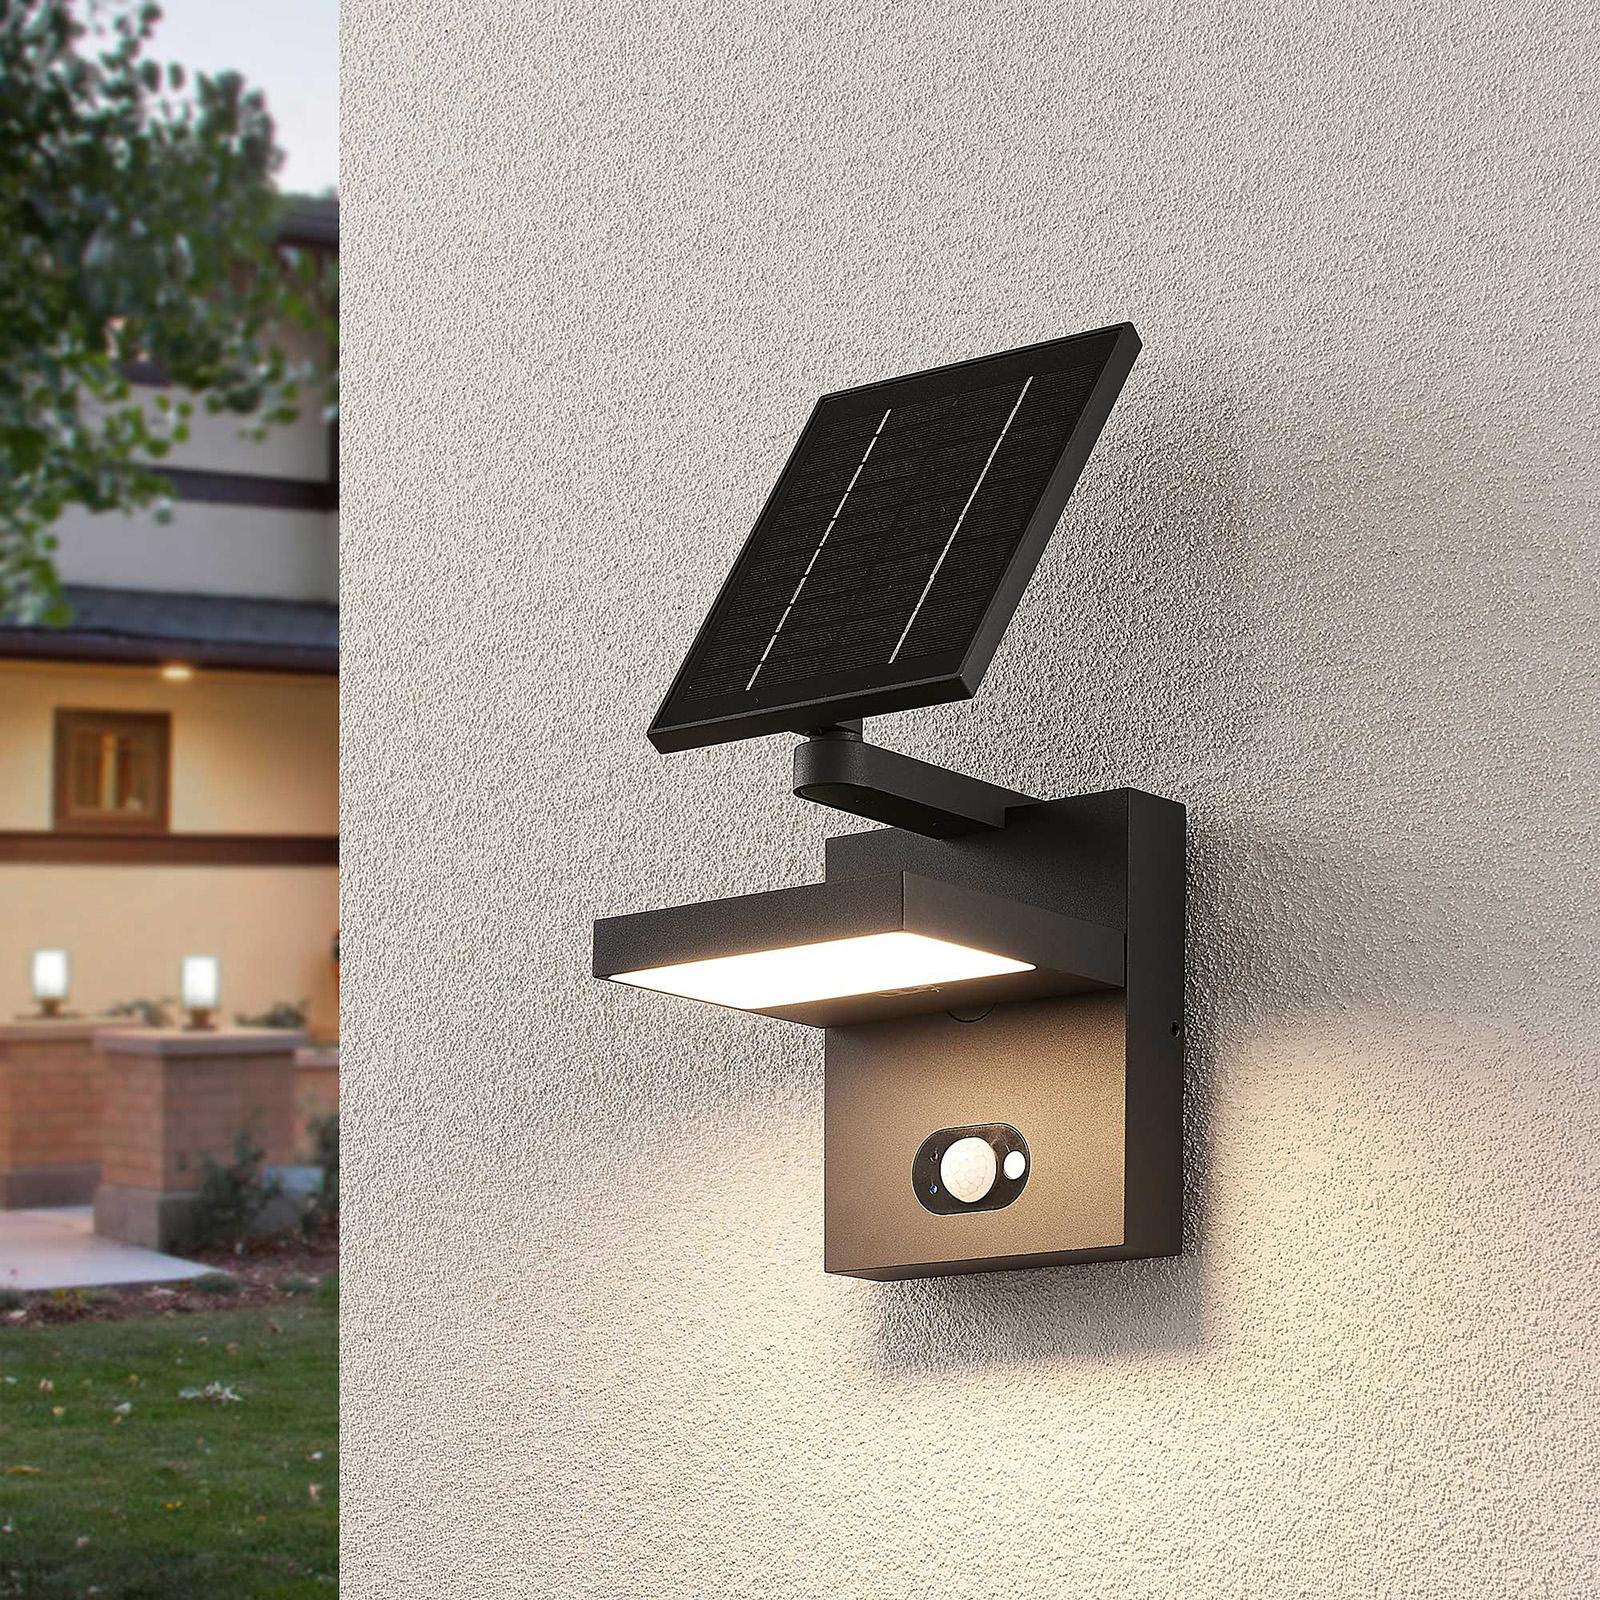 Solarny kinkiet zewnętrzny LED Silvan, czujnik